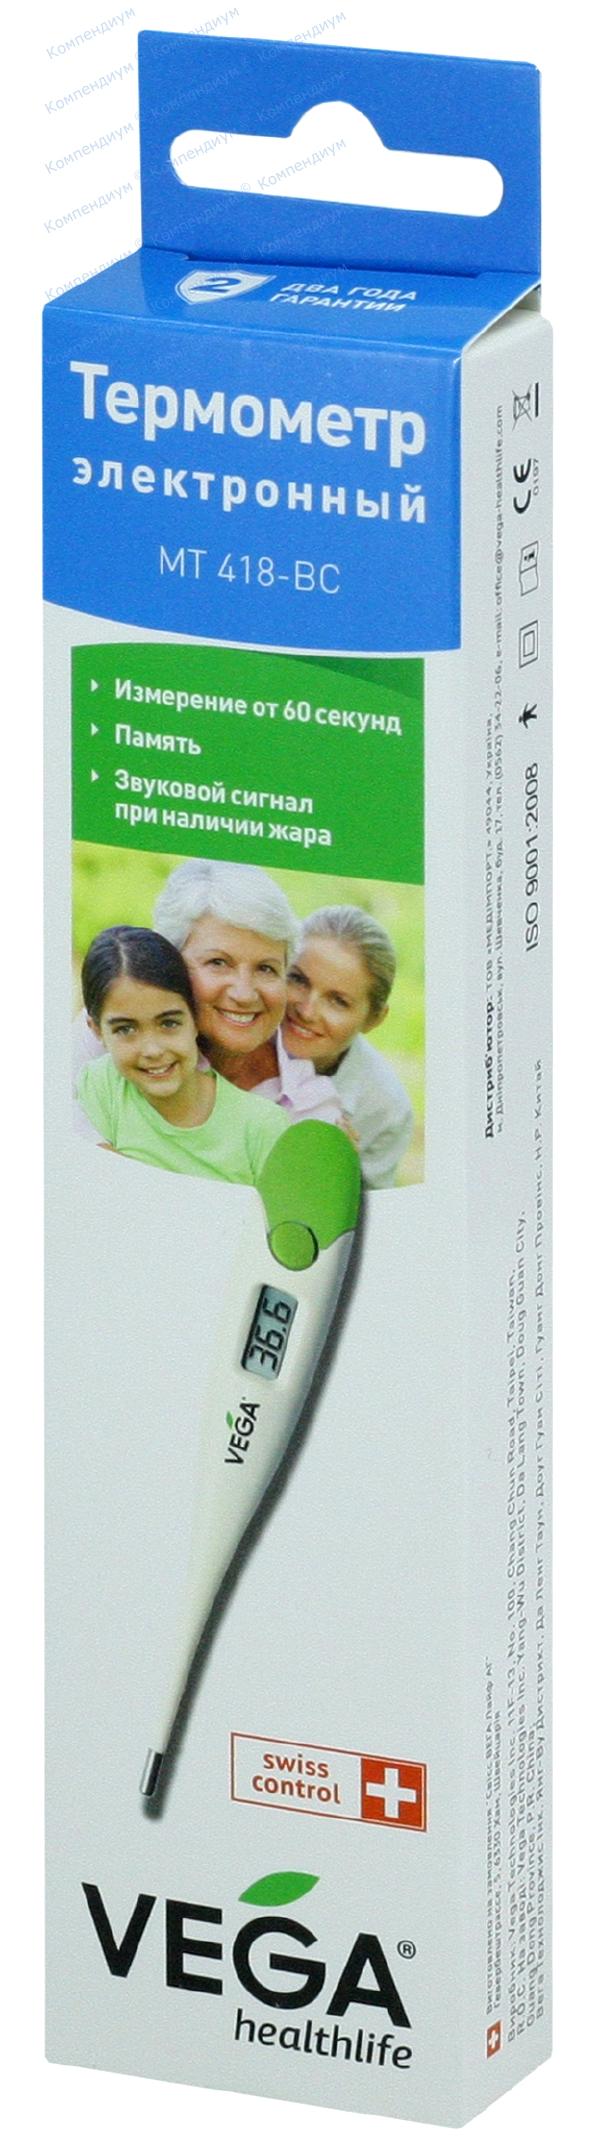 Термометр электронный MT418